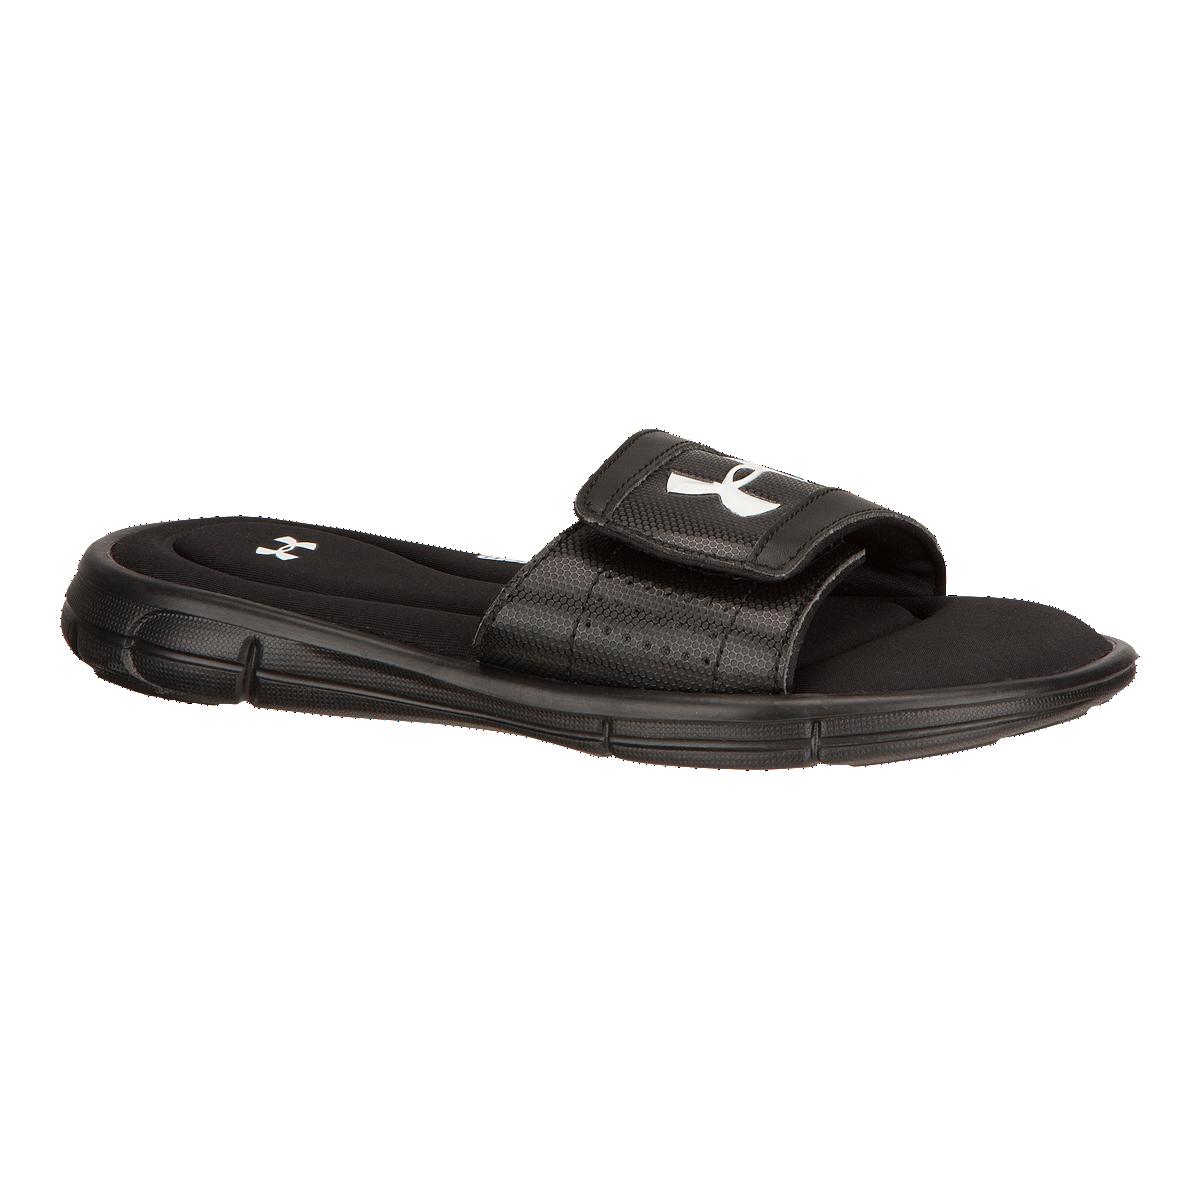 92b8ba29a Under Armour Kids' Ignite V SL Sandals - Black/White   Sport Chek